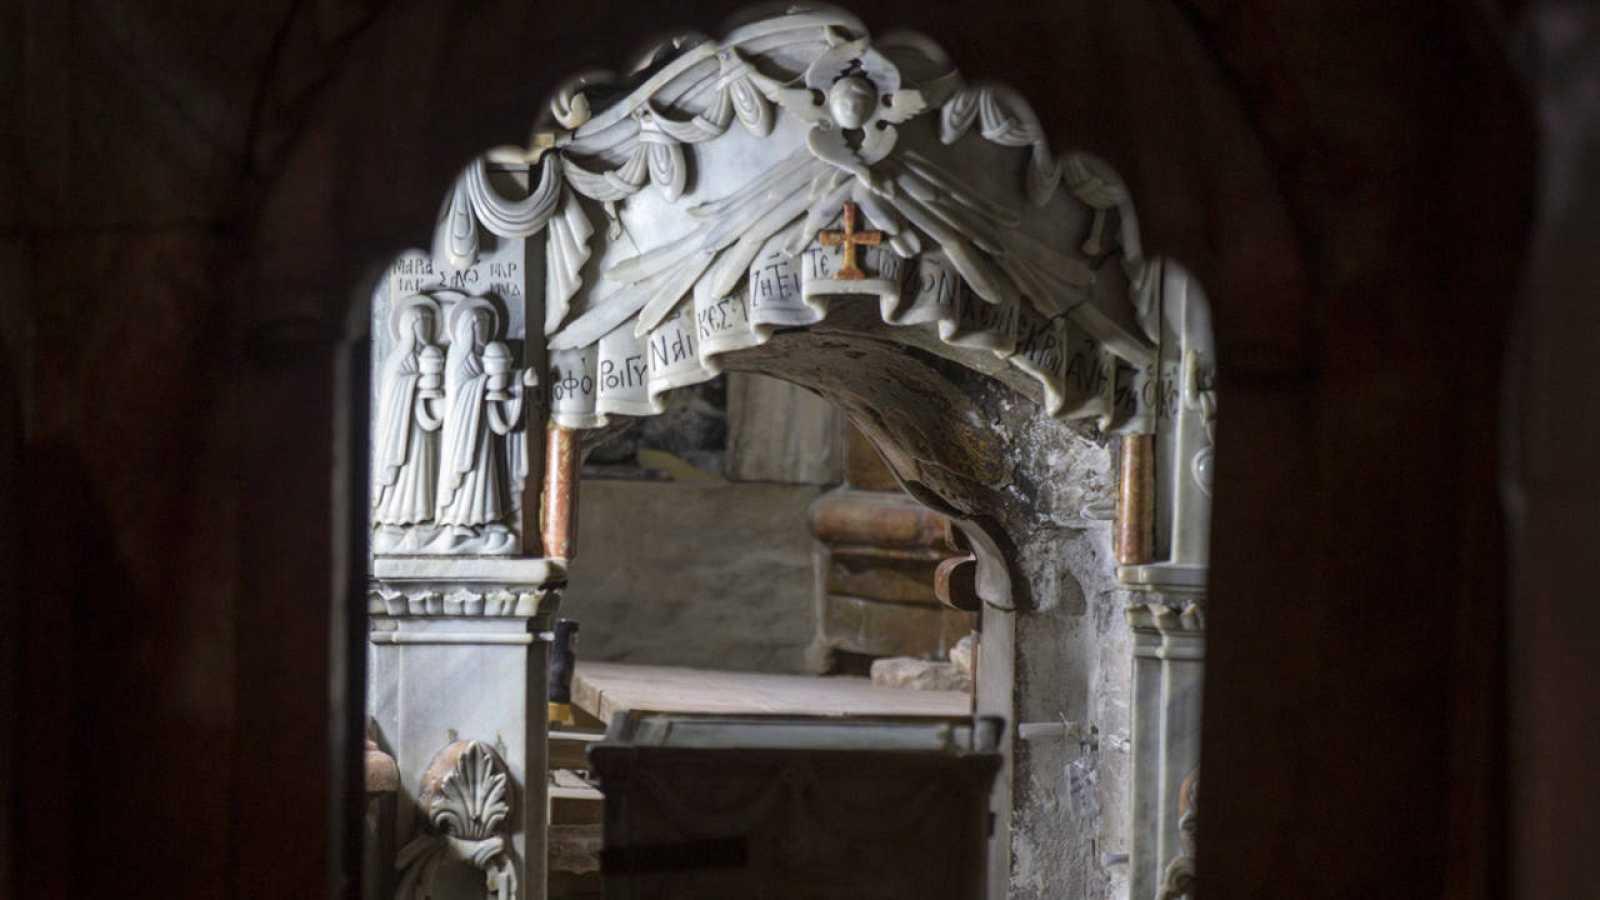 Situado en el corazón de la ciudad vieja de Jerusalén, el Santo Sepulcro es el lugar más sagrado para el cristianismo.